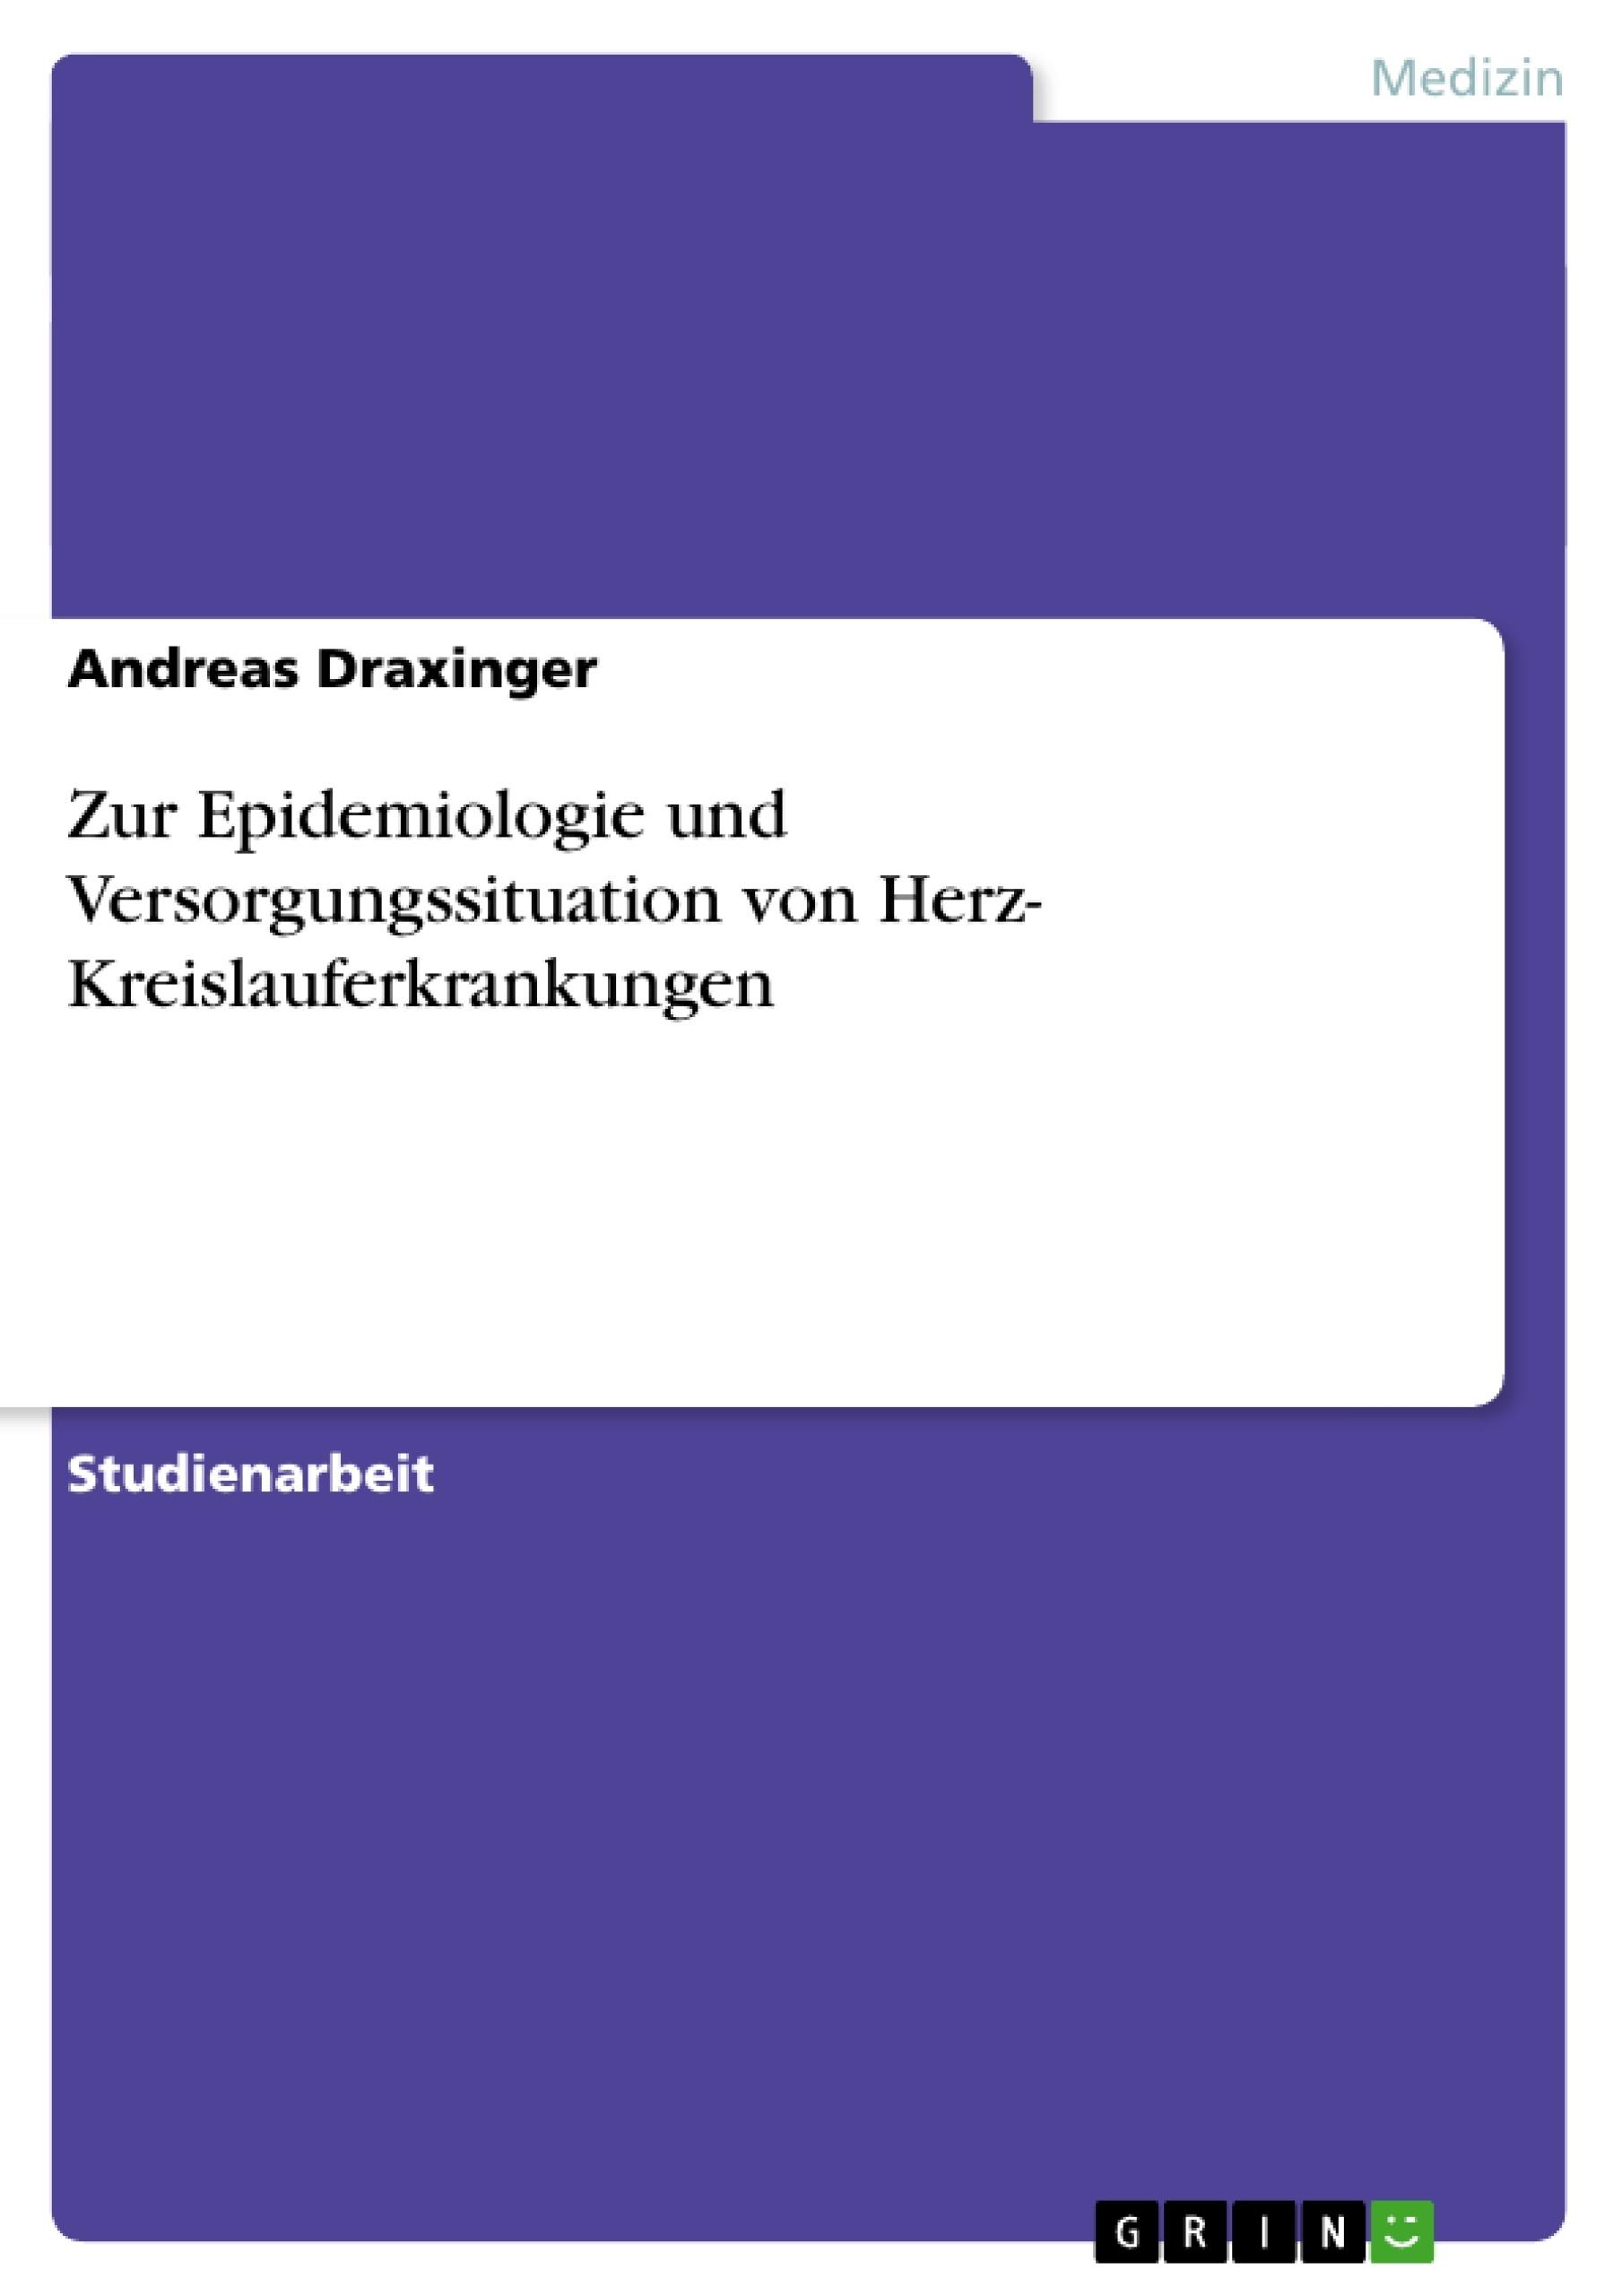 Titel: Zur Epidemiologie und Versorgungssituation von Herz-  Kreislauferkrankungen